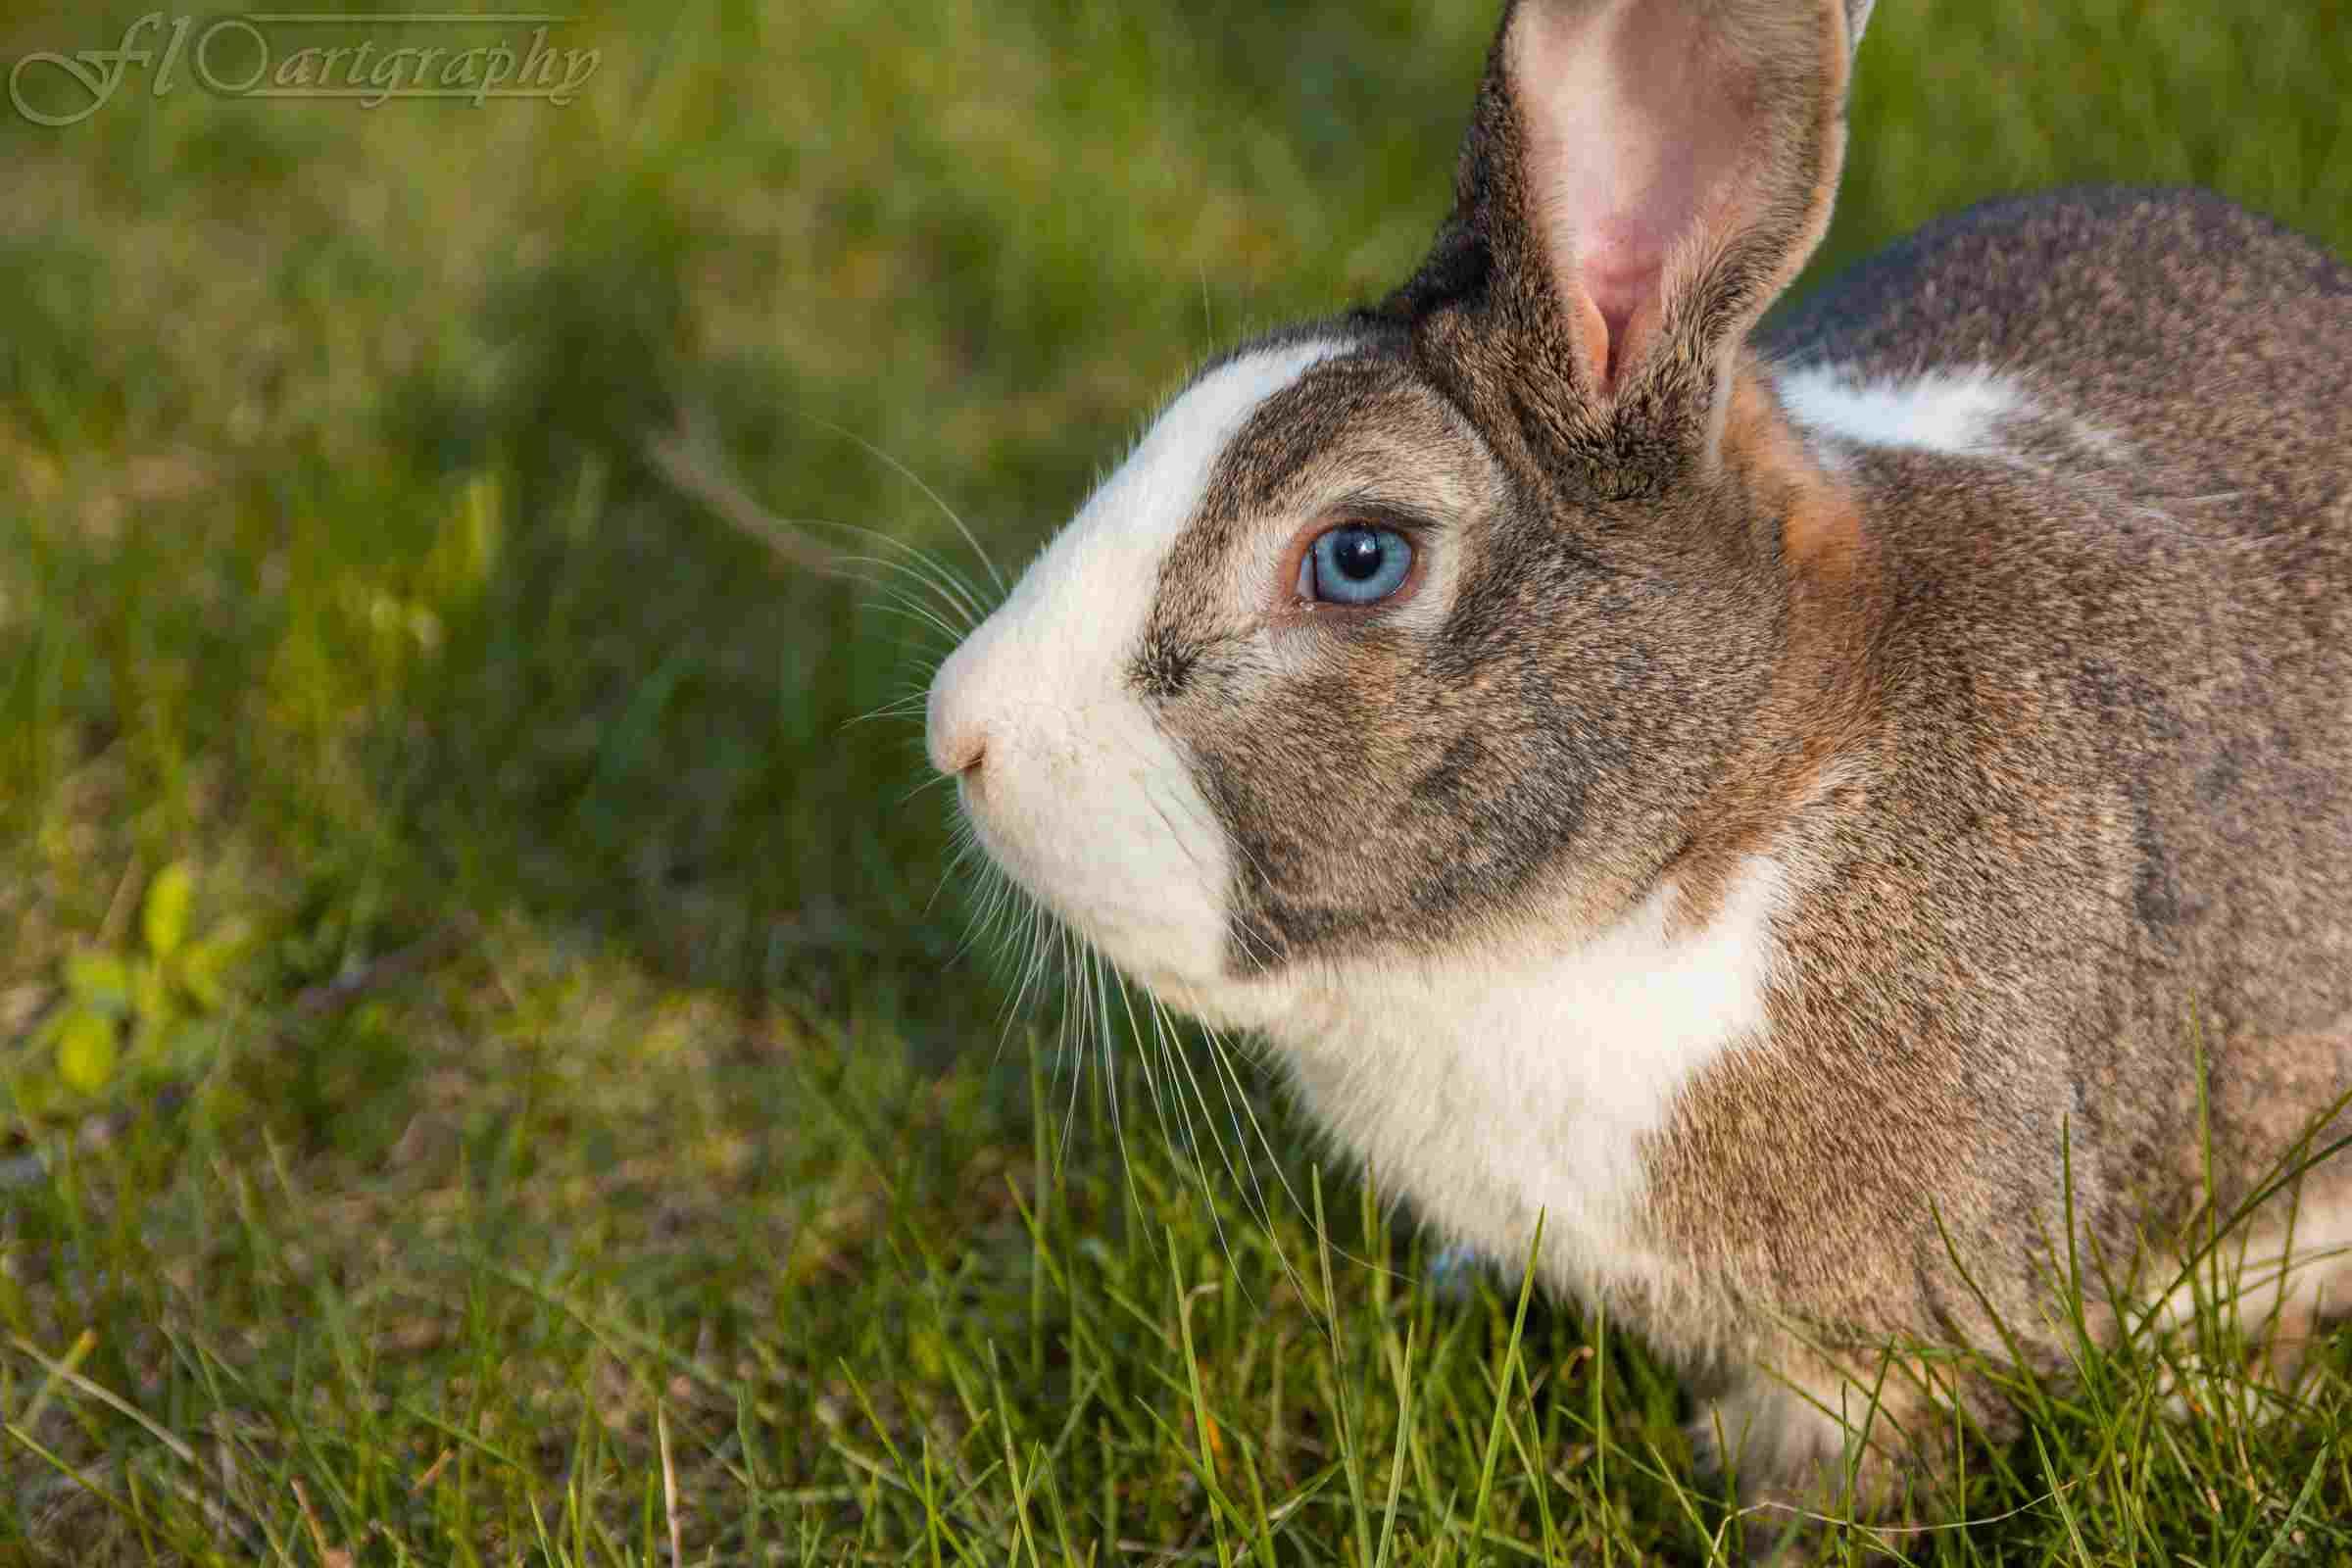 Foto Bunny by Floartgraphy